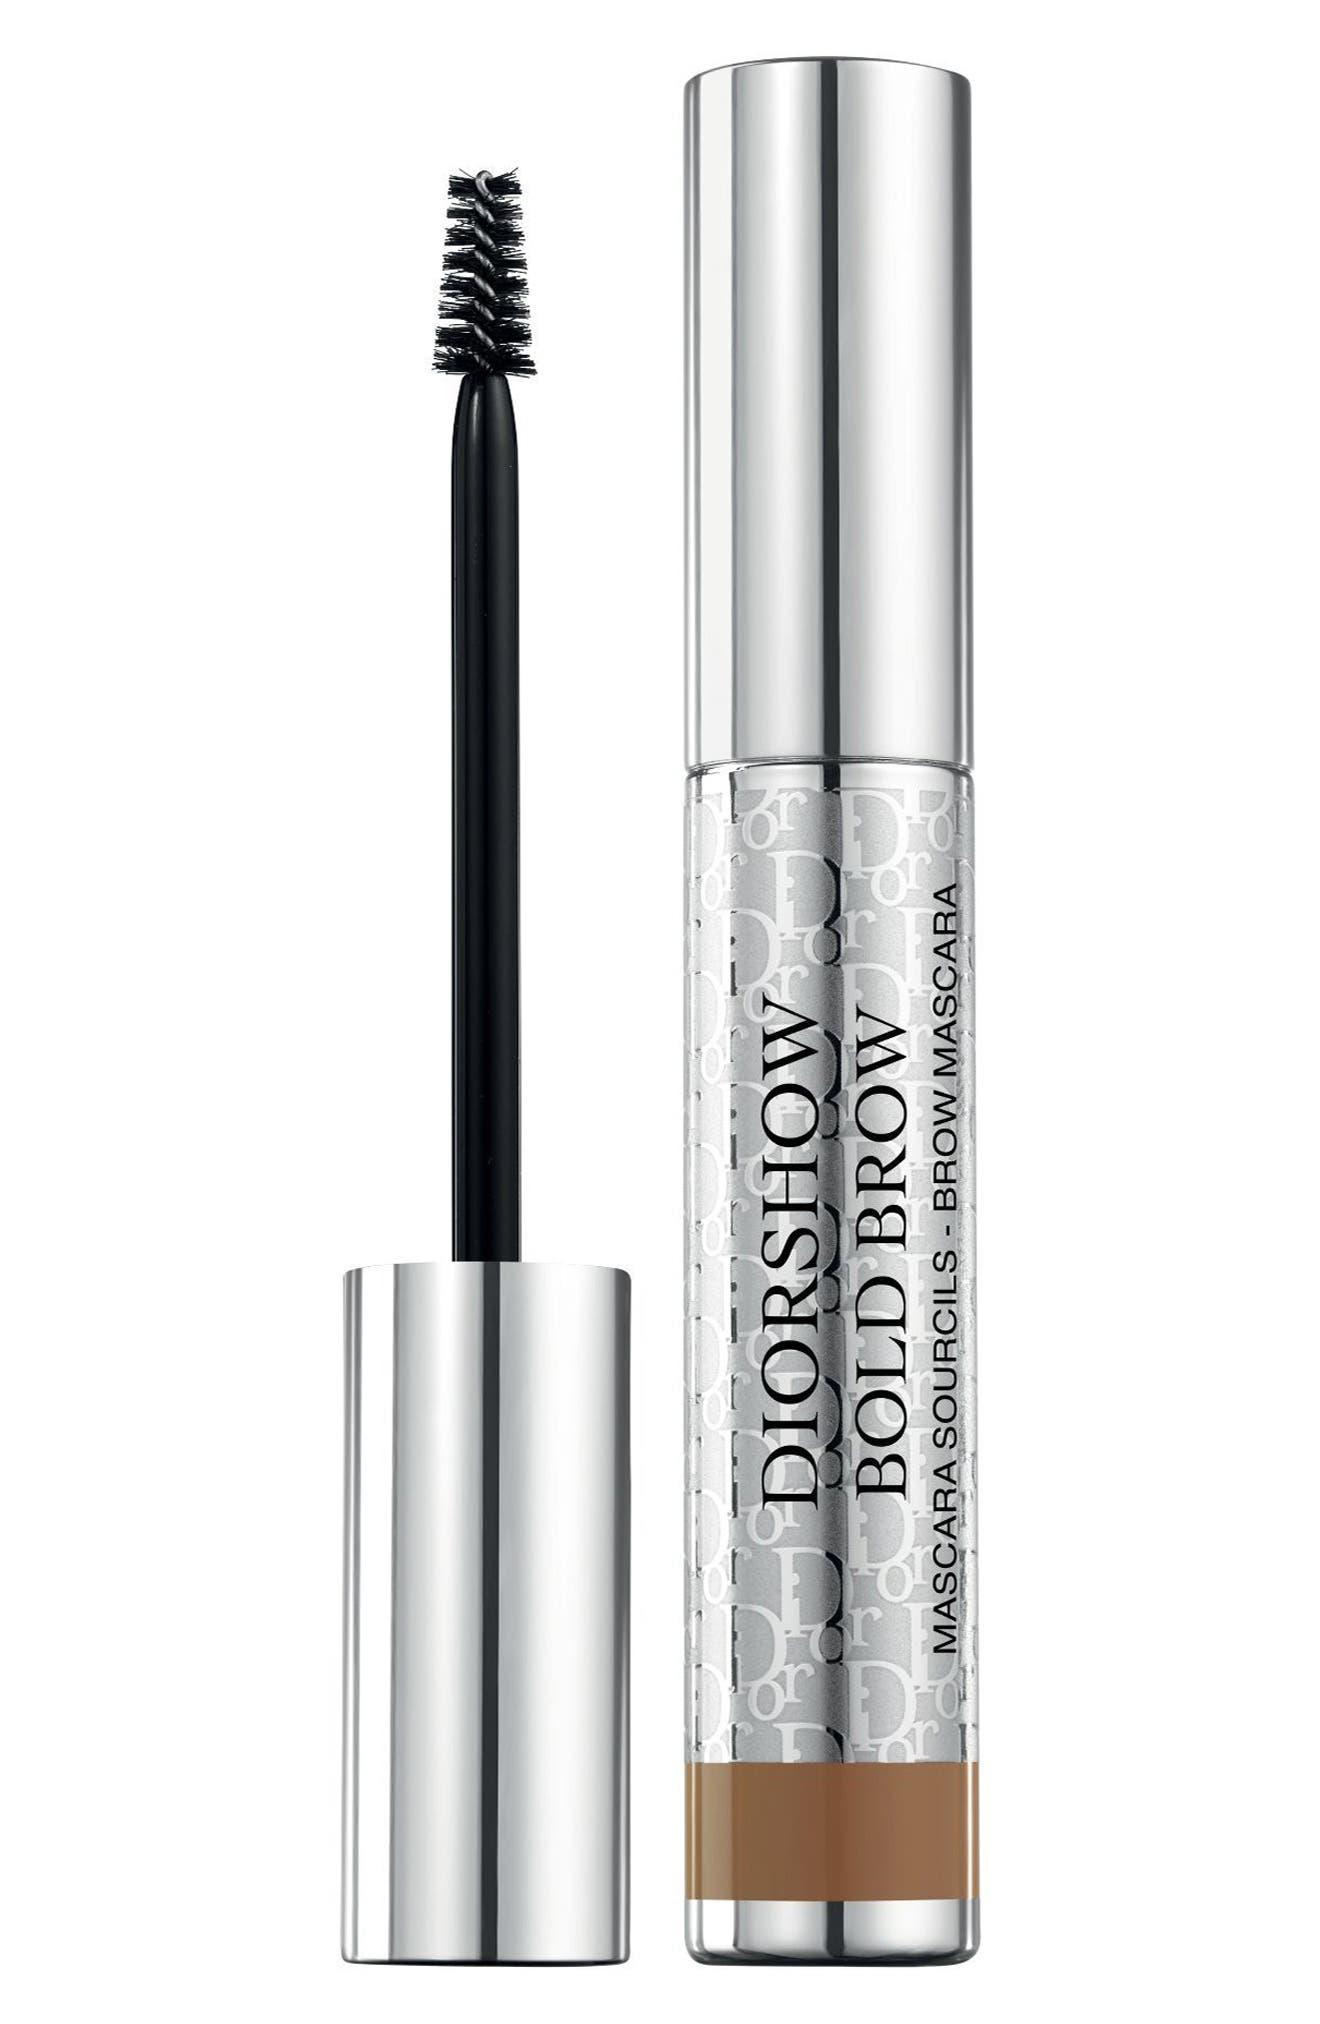 Dior Diorshow Bold Brow Instant Volumizing Brow Mascara